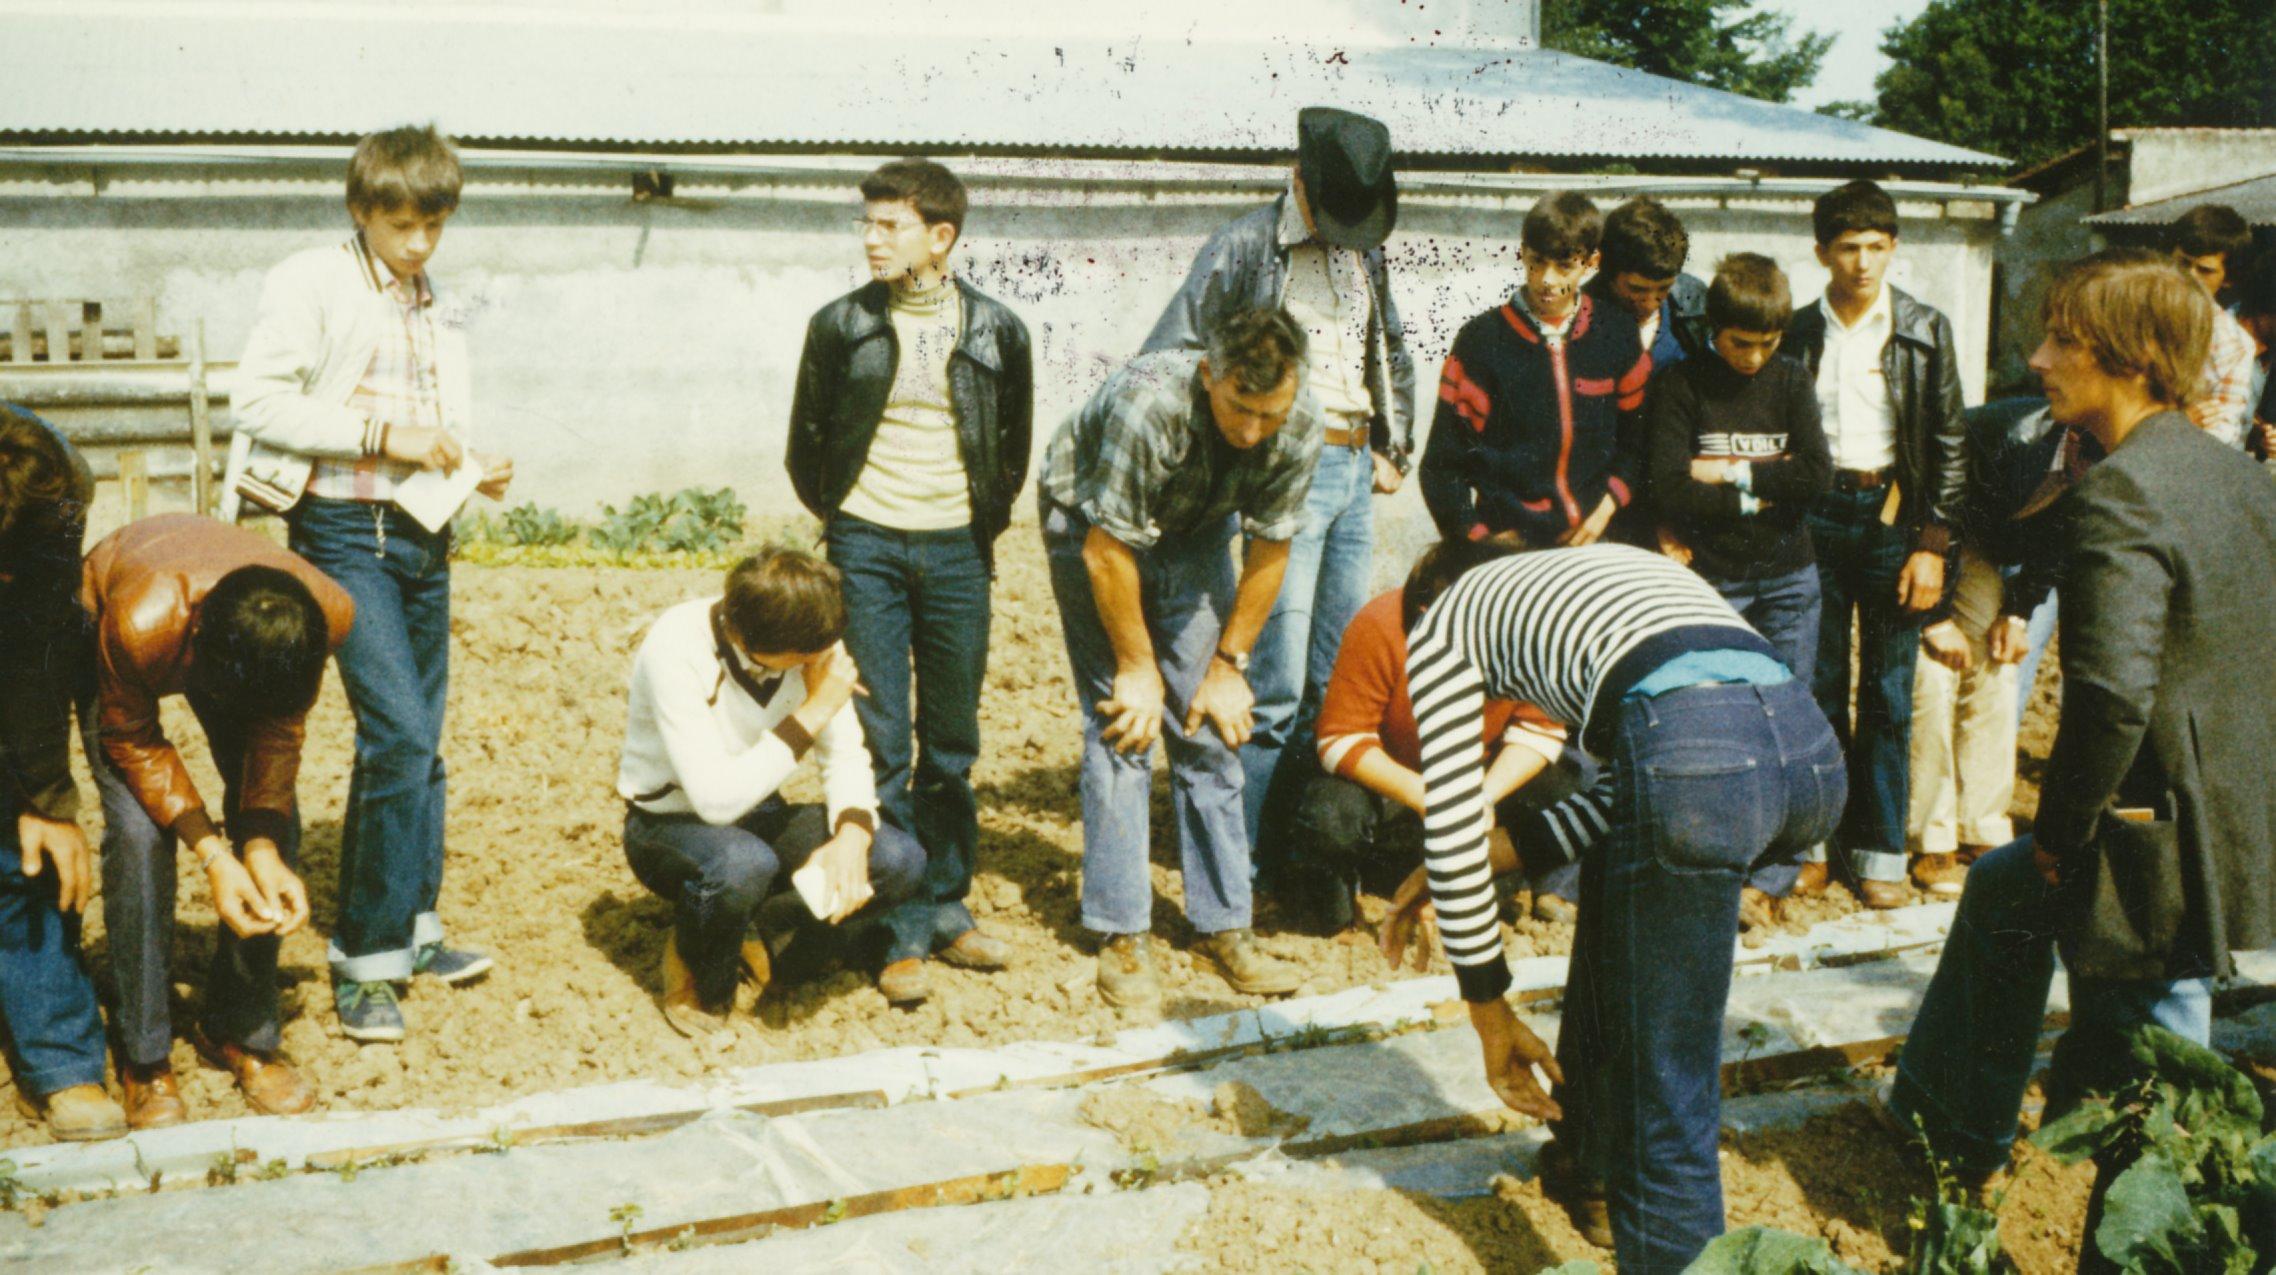 Archives anciens élèves mfr puy-sec 1977 (8)